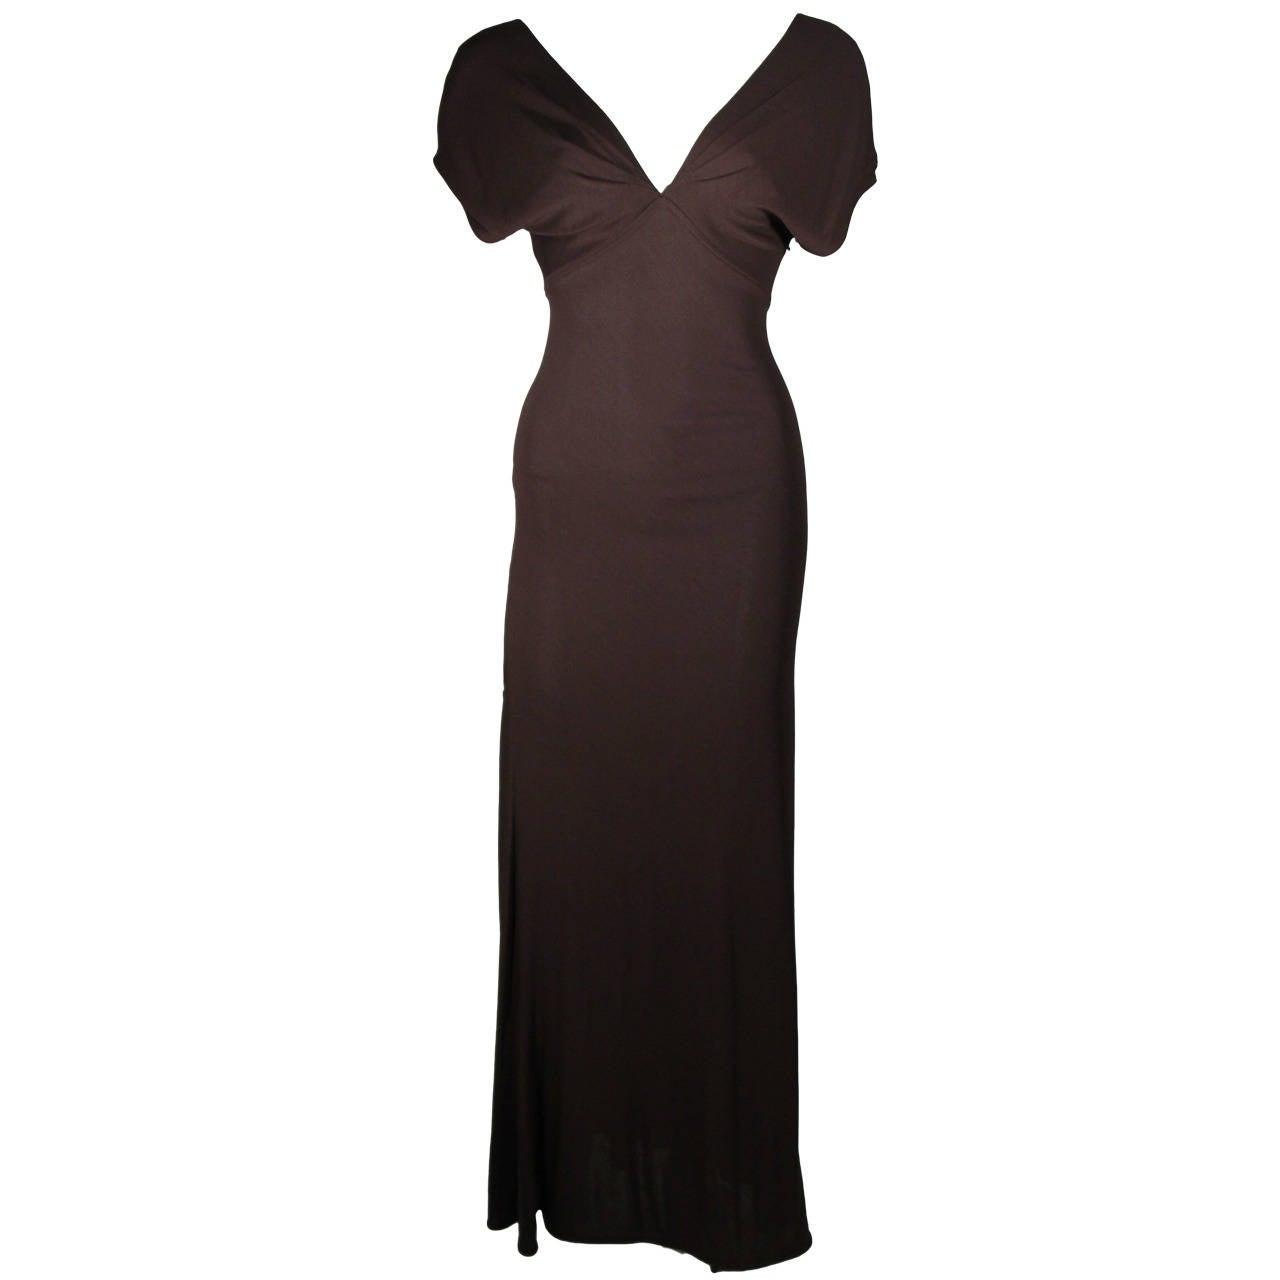 Emanuel Ungaro 1990's Brown Jersey Gown Size 8